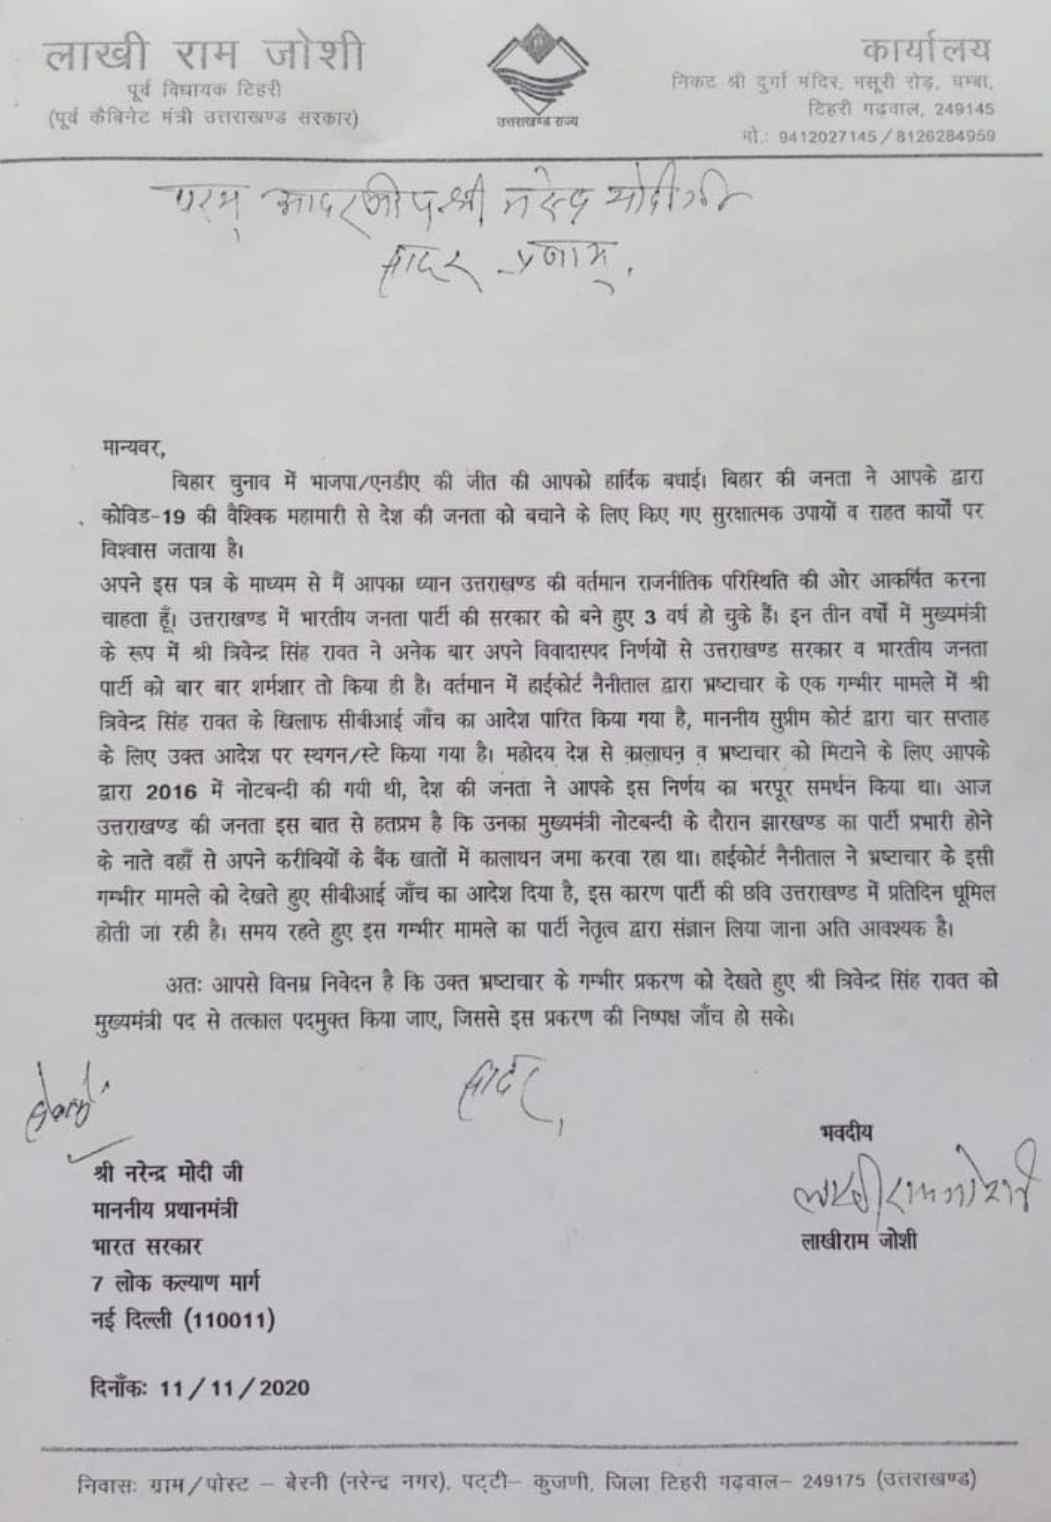 पूर्व भाजपा विधायक व मंत्री रहे लाखी राम जोशी भाजपा से निलम्बित, नोटिस जारी 2